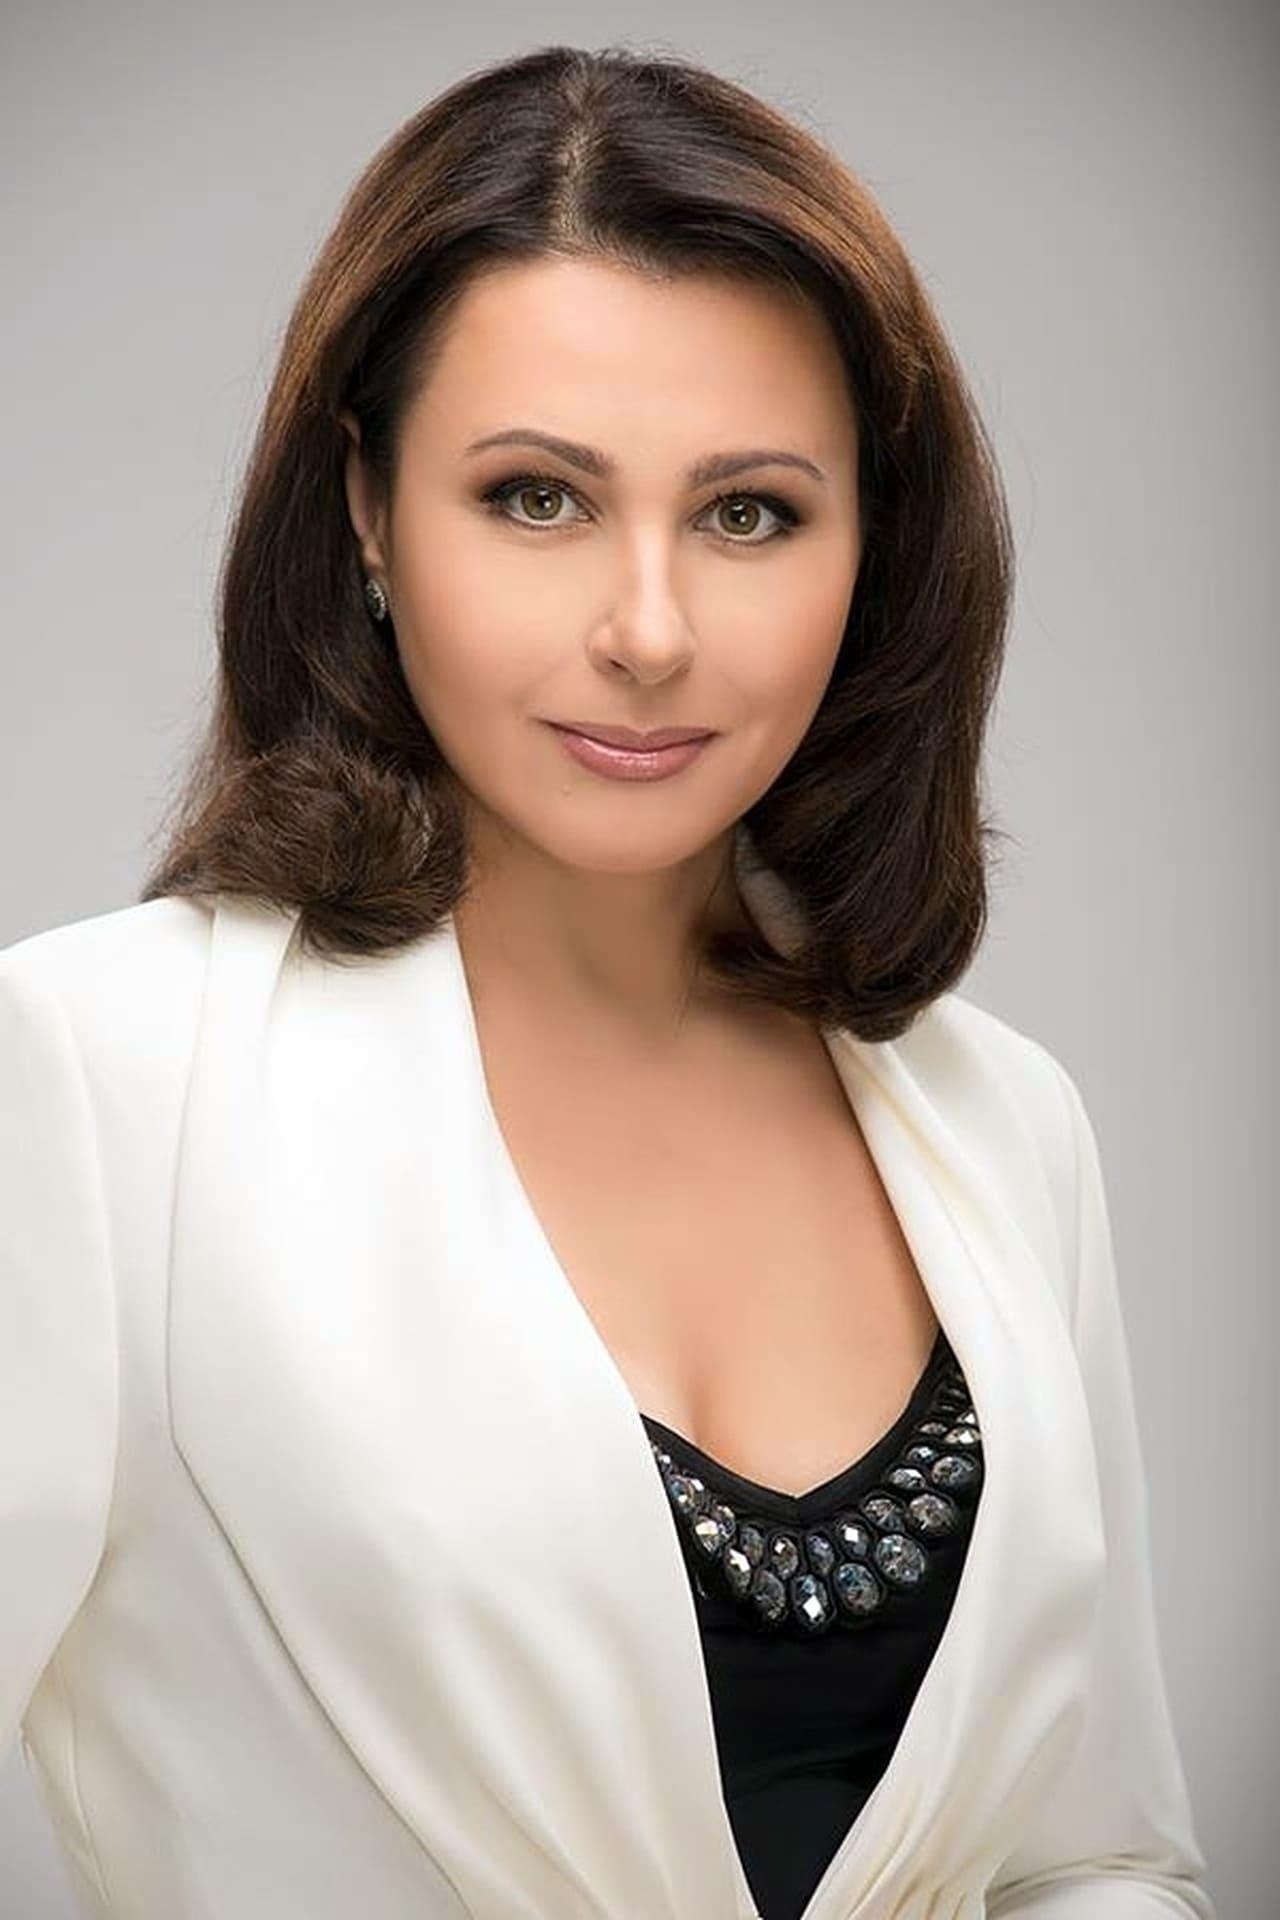 Natalia Moseychuk is